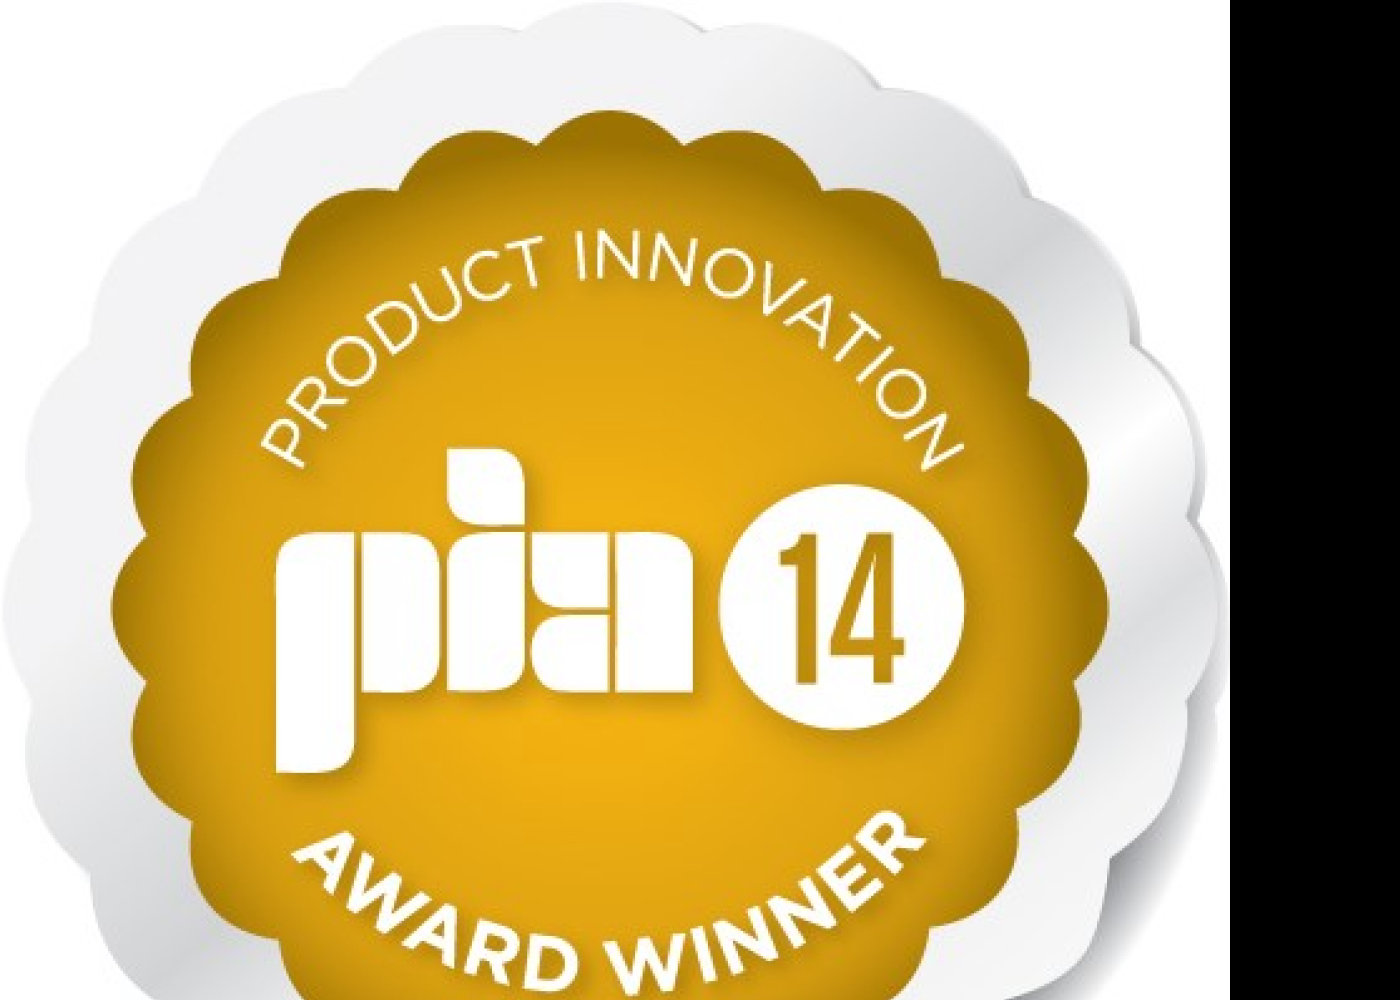 Architectural SSL Award 2014 winner logo